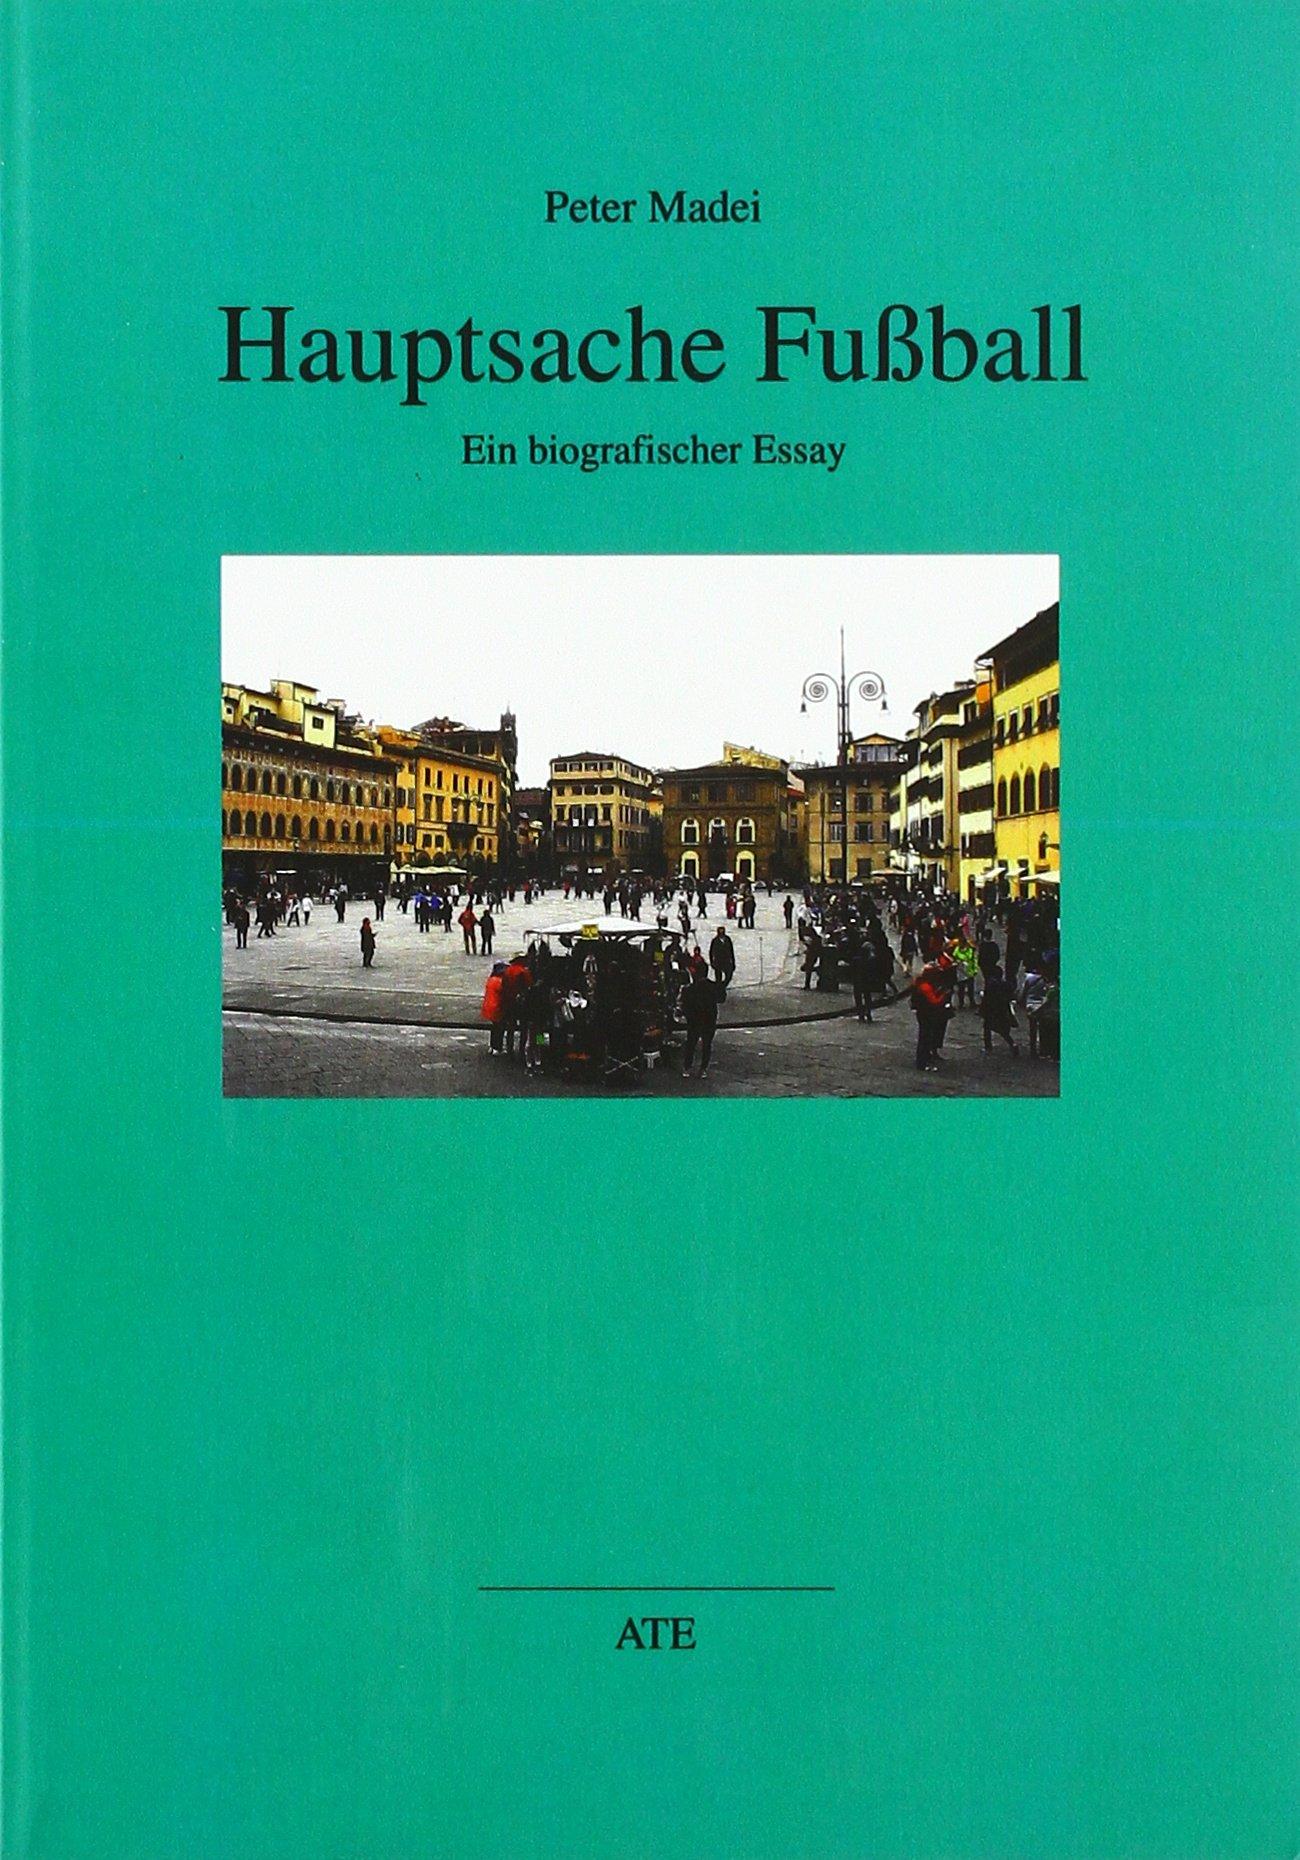 Hauptsache Fußball: Ein biografischer Essay